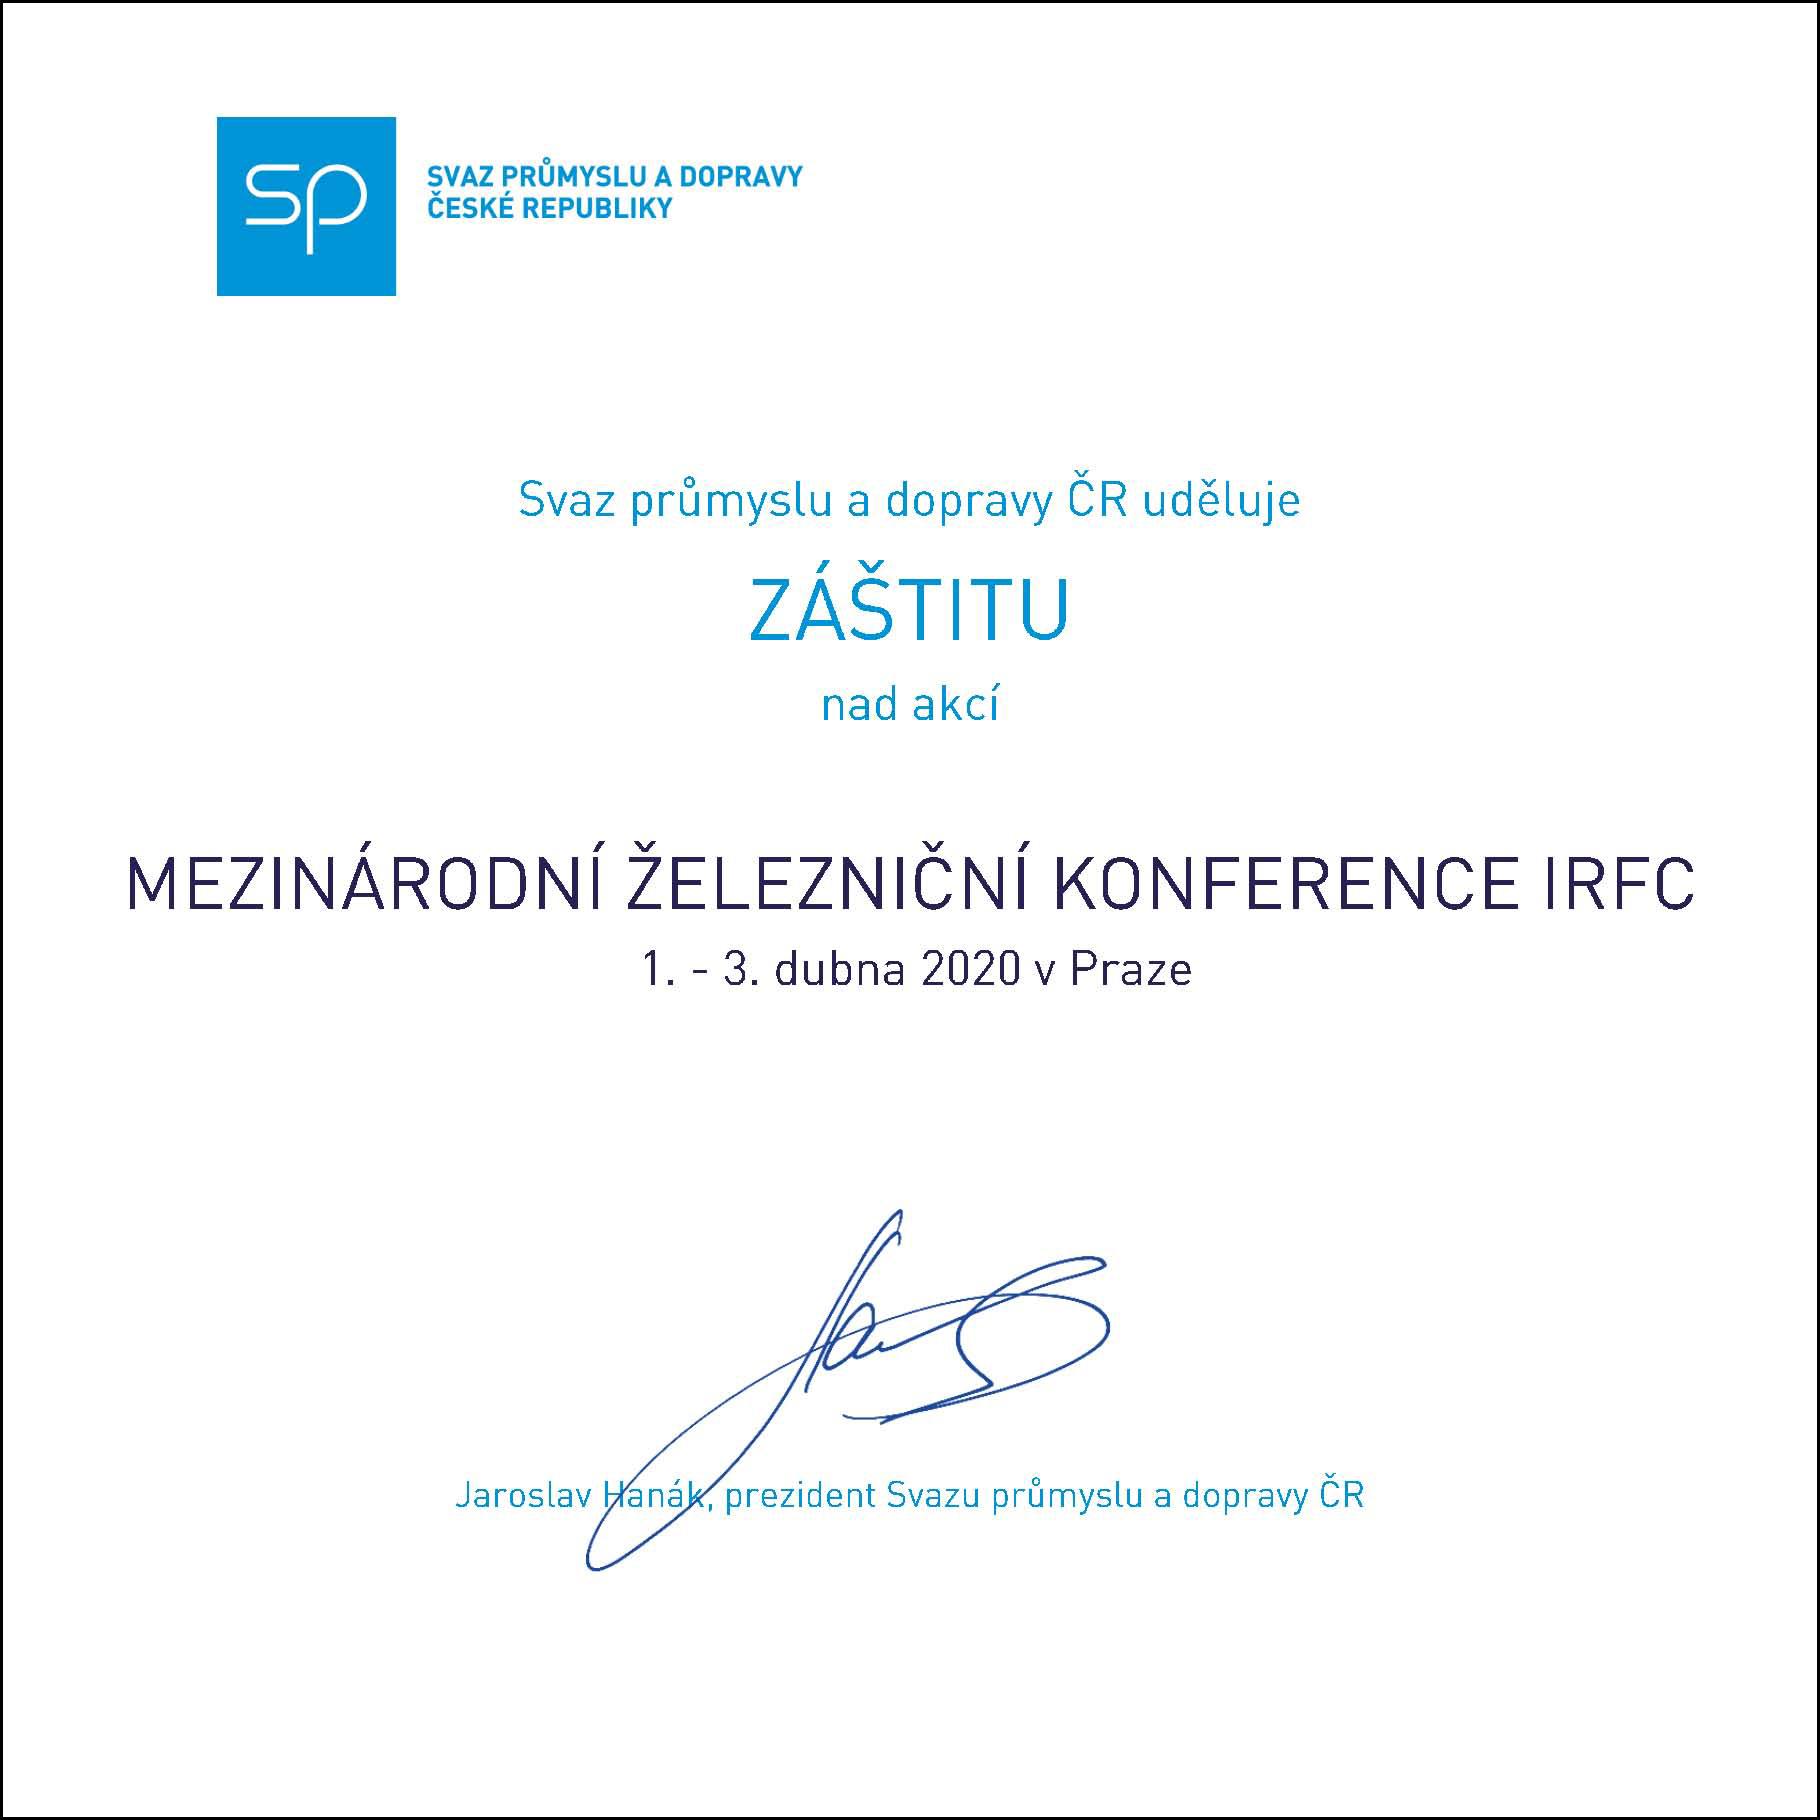 PARTNEREM konference IRFC 2020 se stal Svaz průmyslu a dopravy ČR